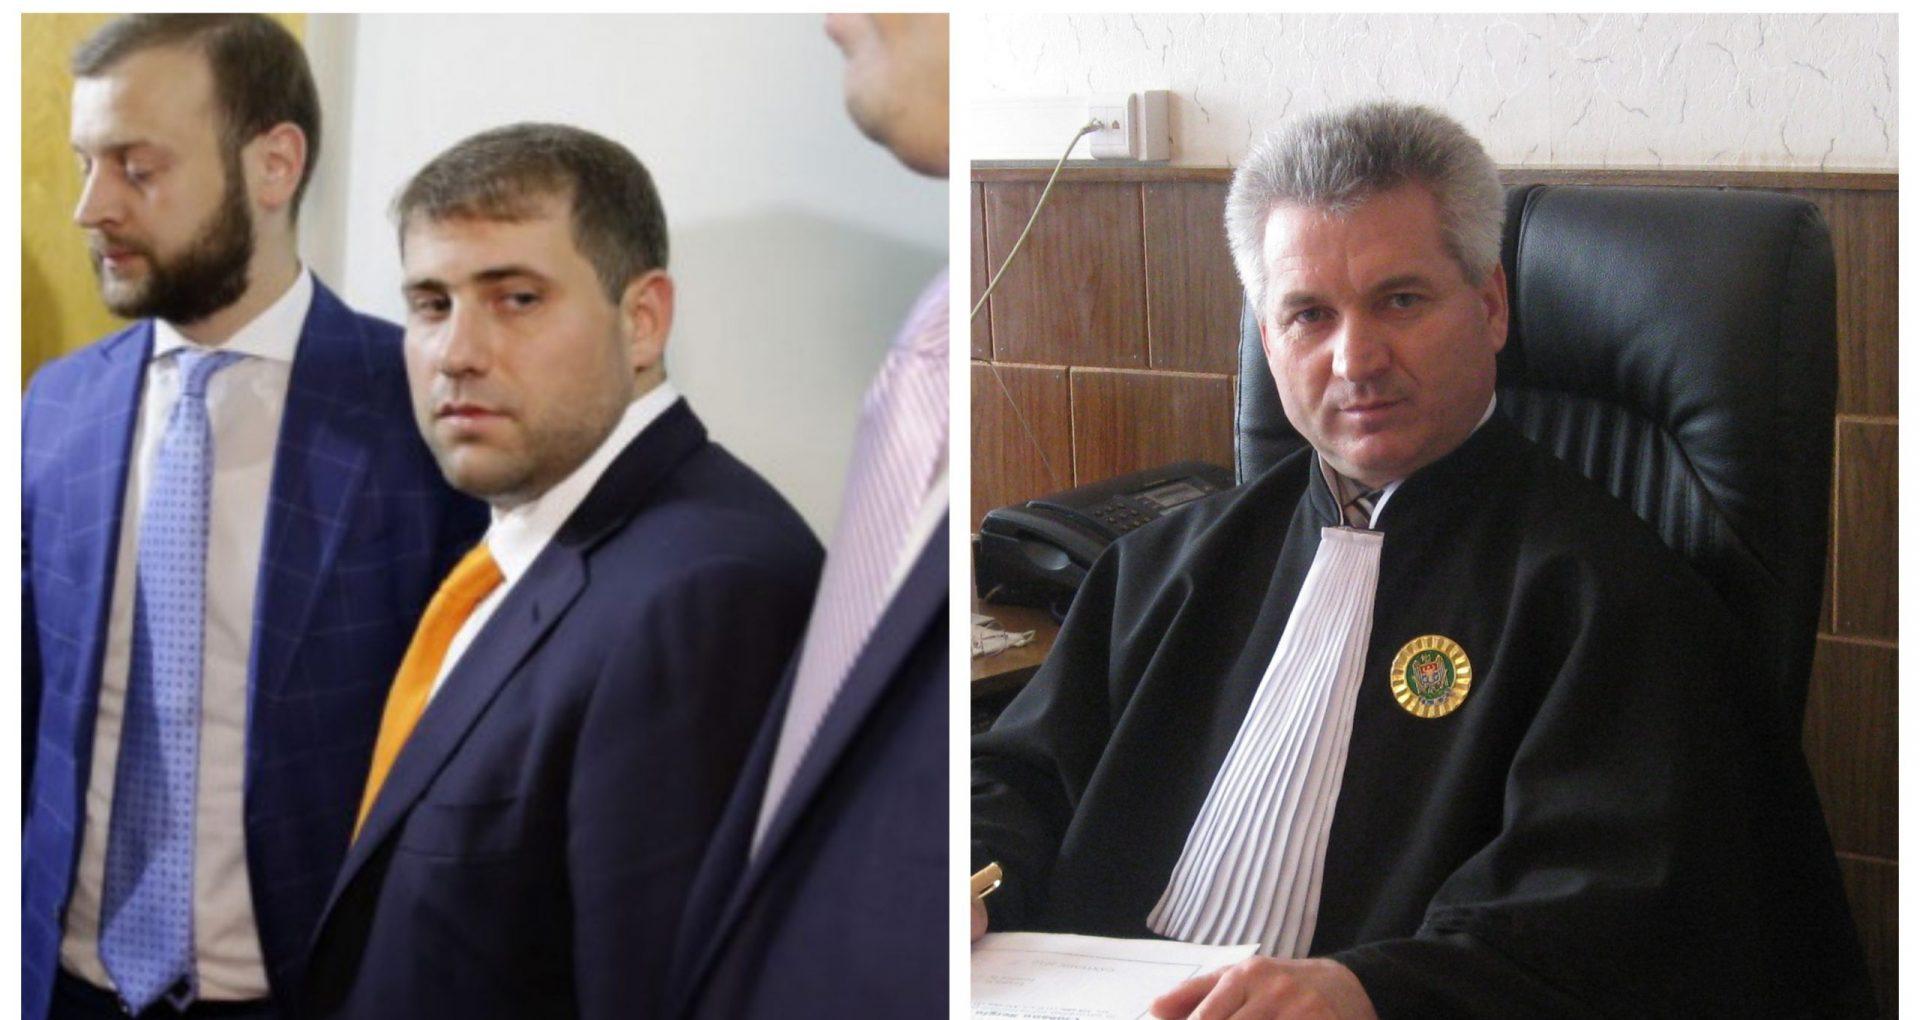 Judecătorul – raportor din dosarul lui Șor a fost schimbat. Noul magistrat a vrut să demisioneze de la CA Cahul, dar s-a răzgândit la câteva zile